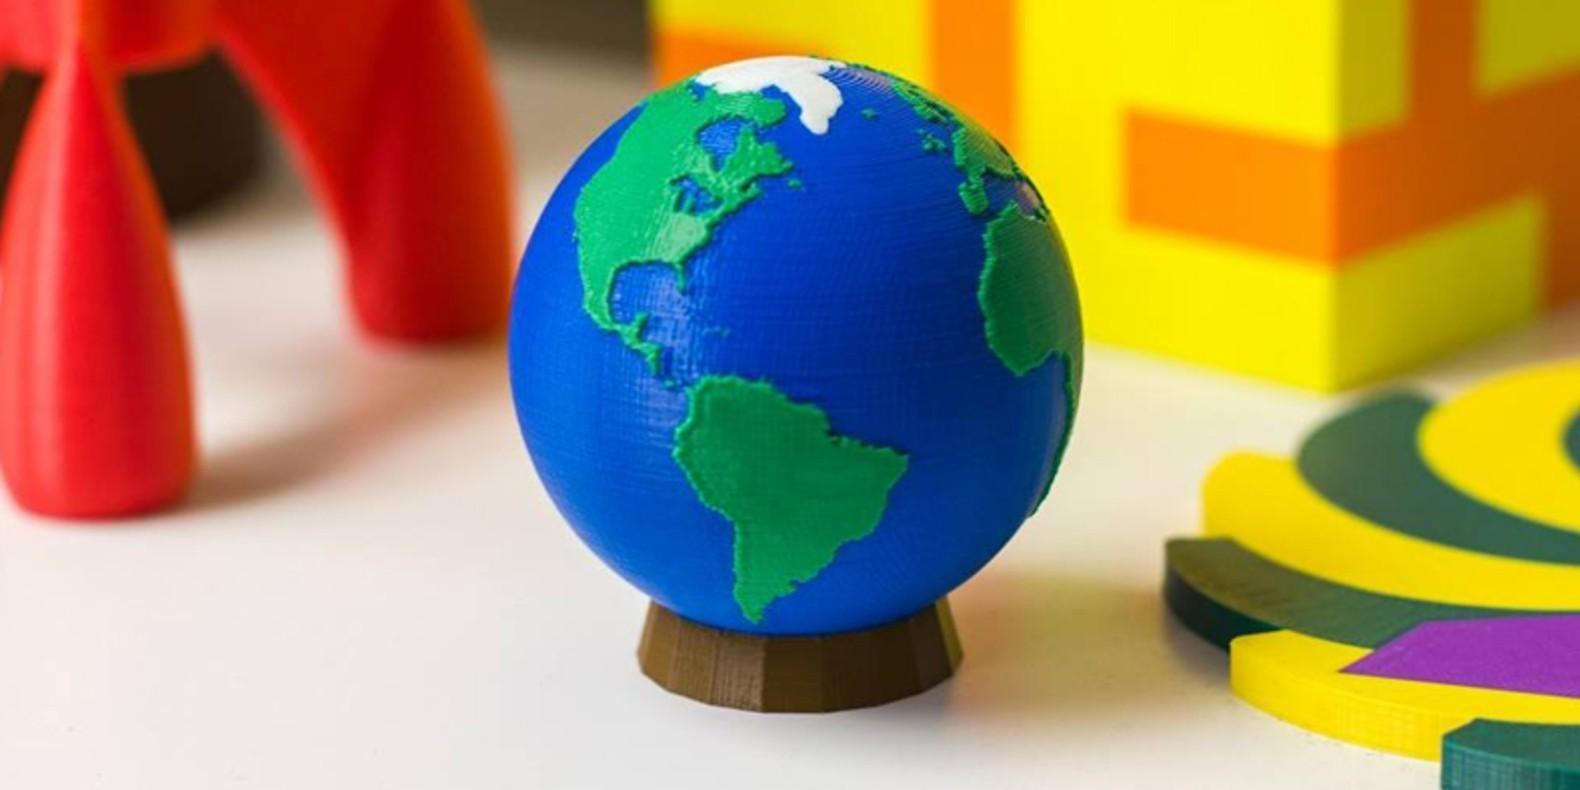 Retrouvez ici une sélection des meilleurs modèles 3D multi-matériaux et couleurs imprimables en 3D